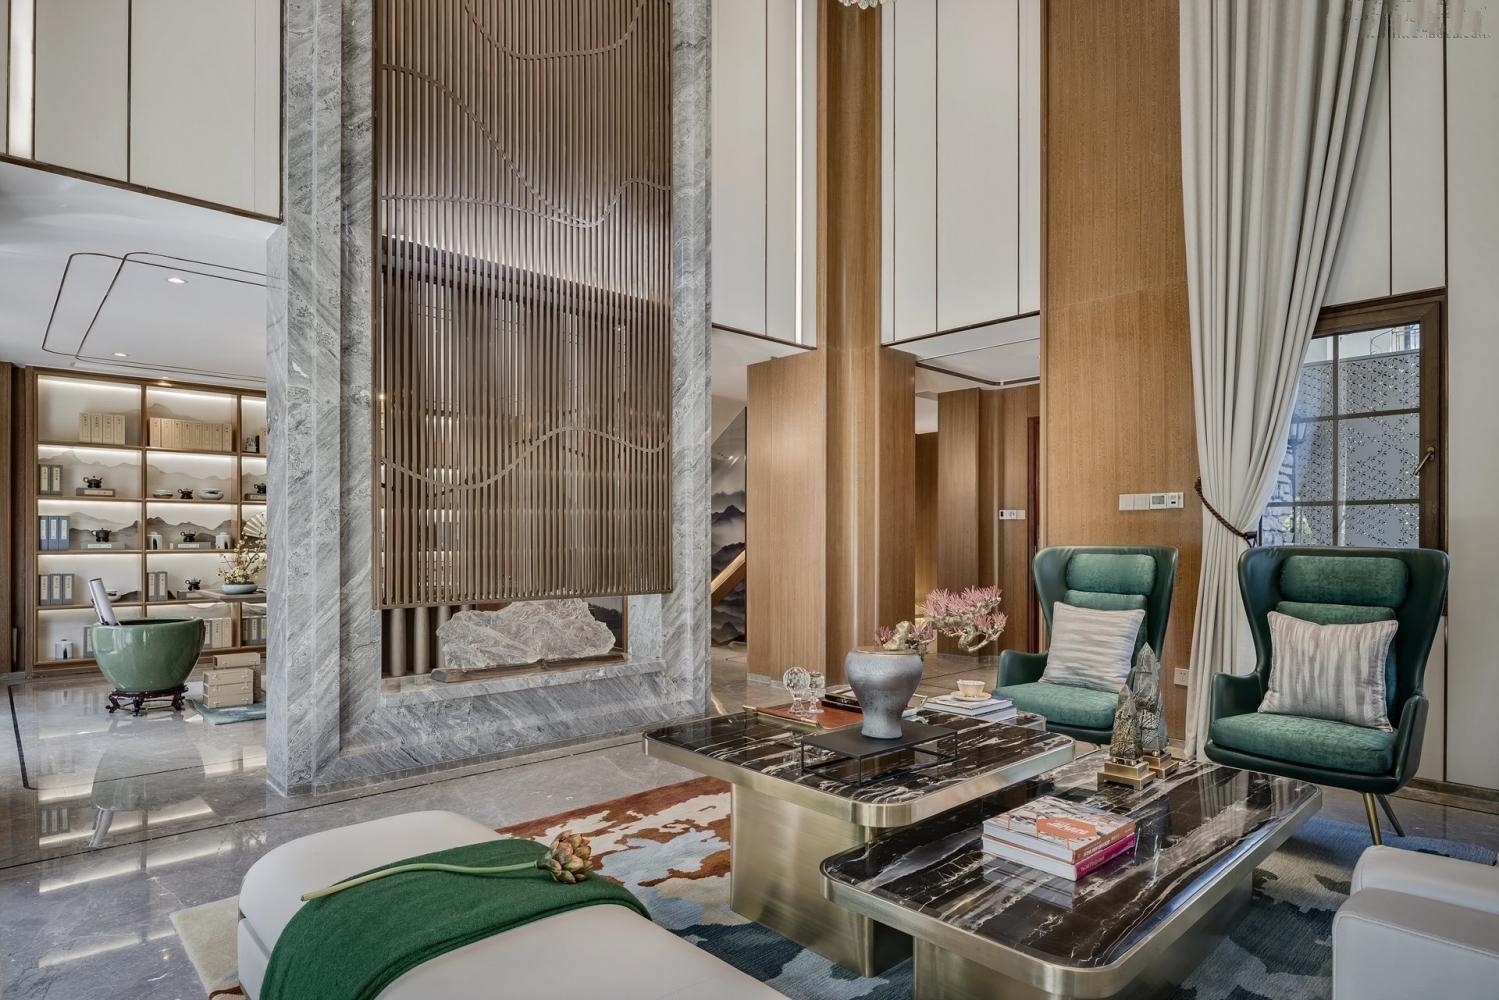 华侨城十号 十号院别墅 腾龙设计 现代风格 客厅图片来自孔继民在华侨城十号院别墅完工实景展示的分享